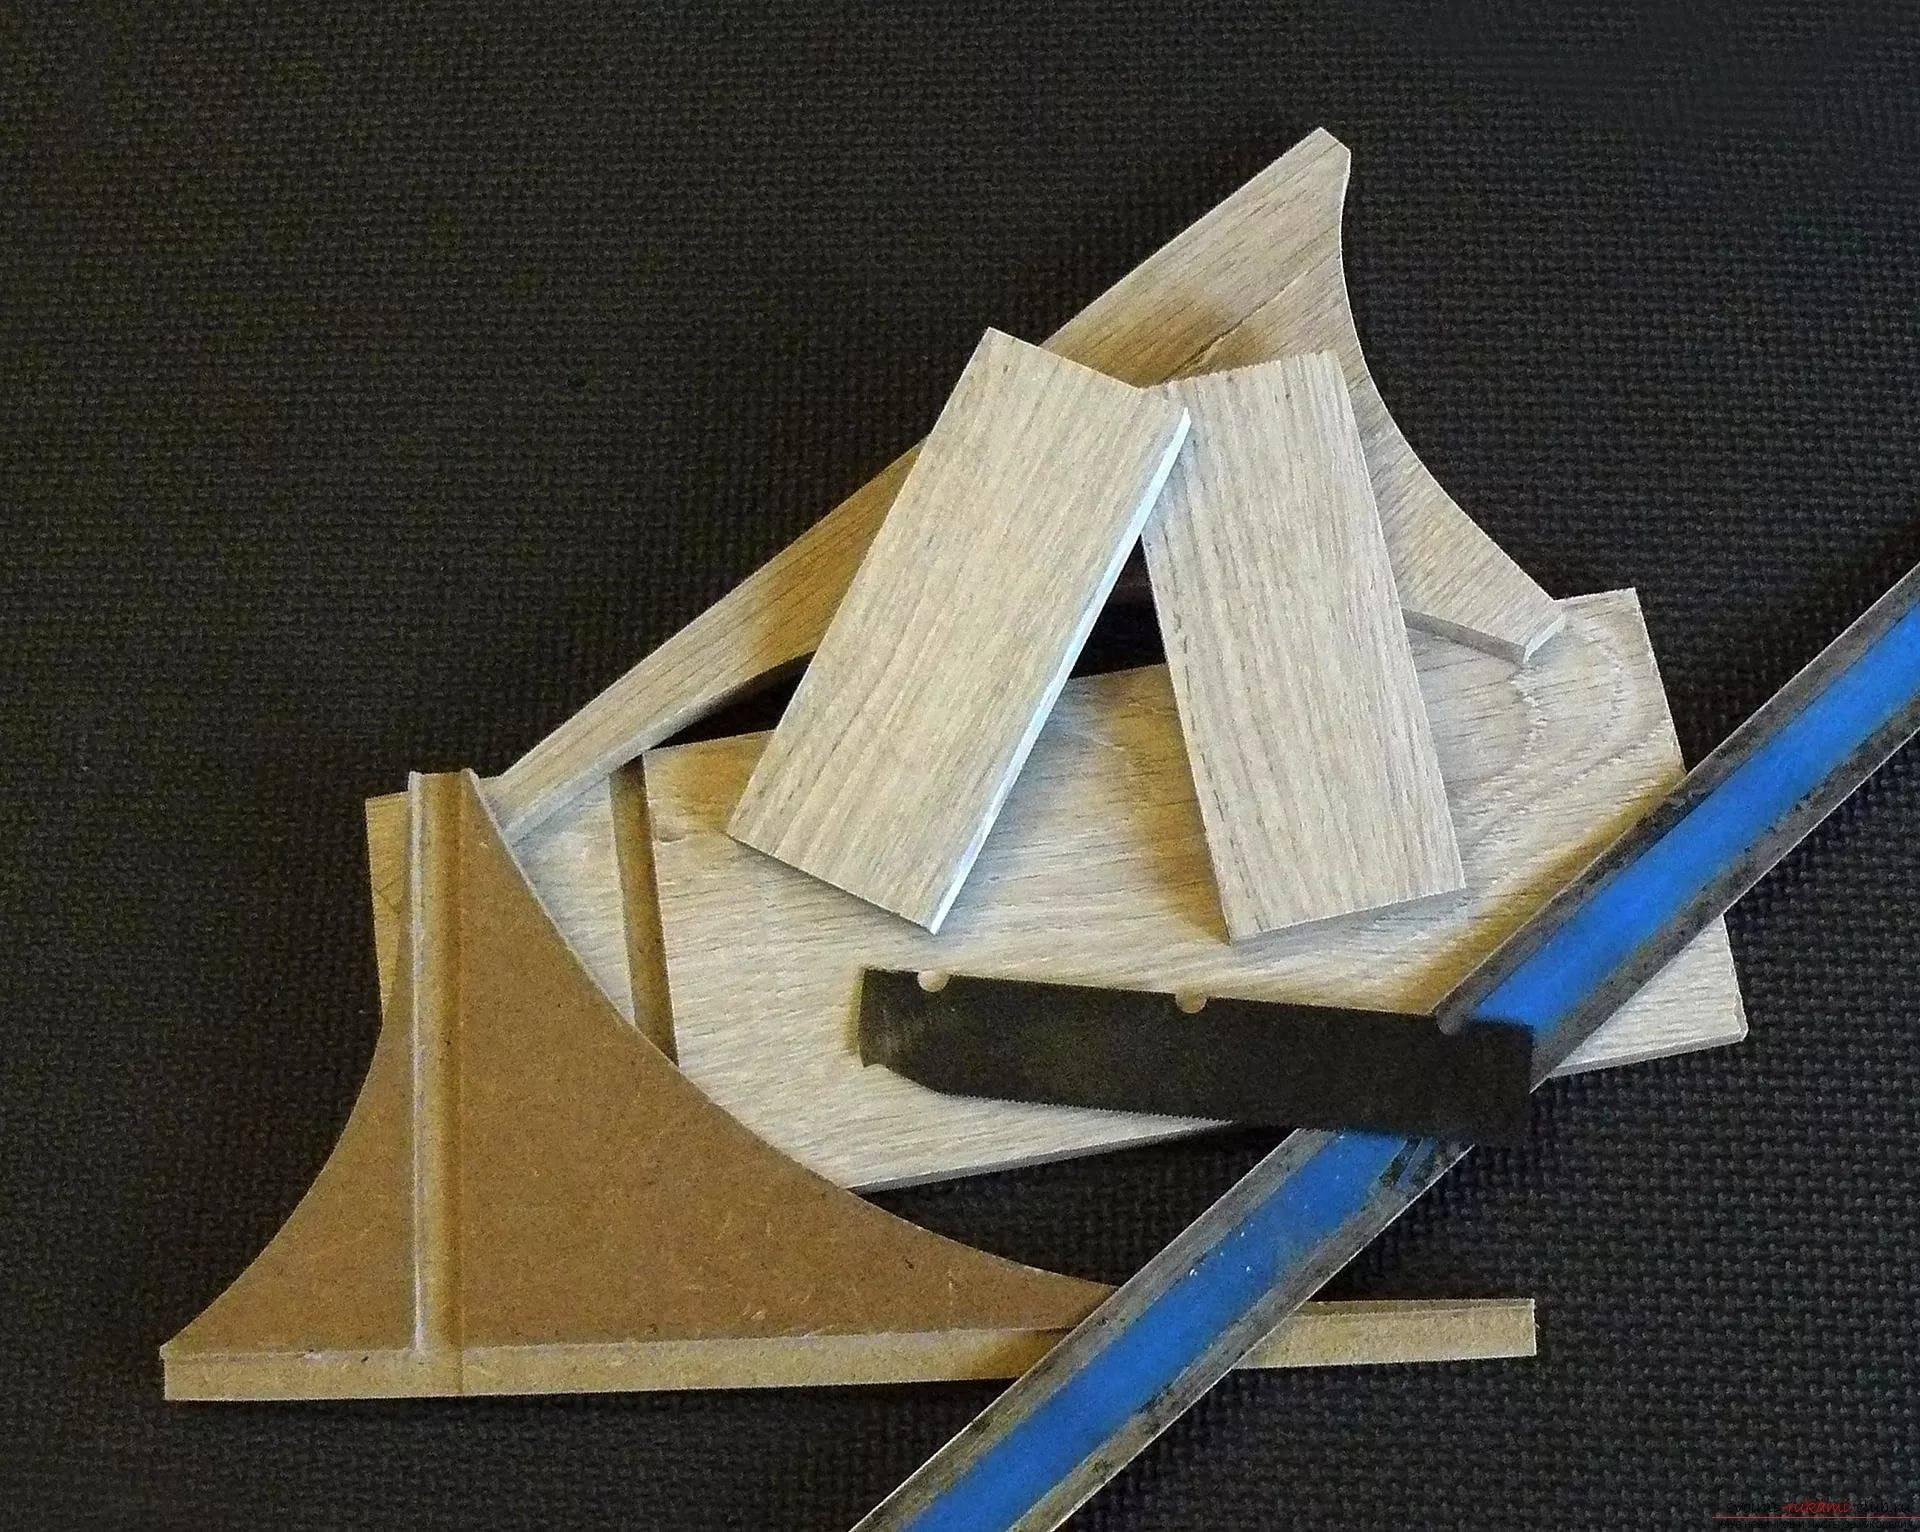 Что сделать из остатков ламината - идеи и реализации   стройсоветы